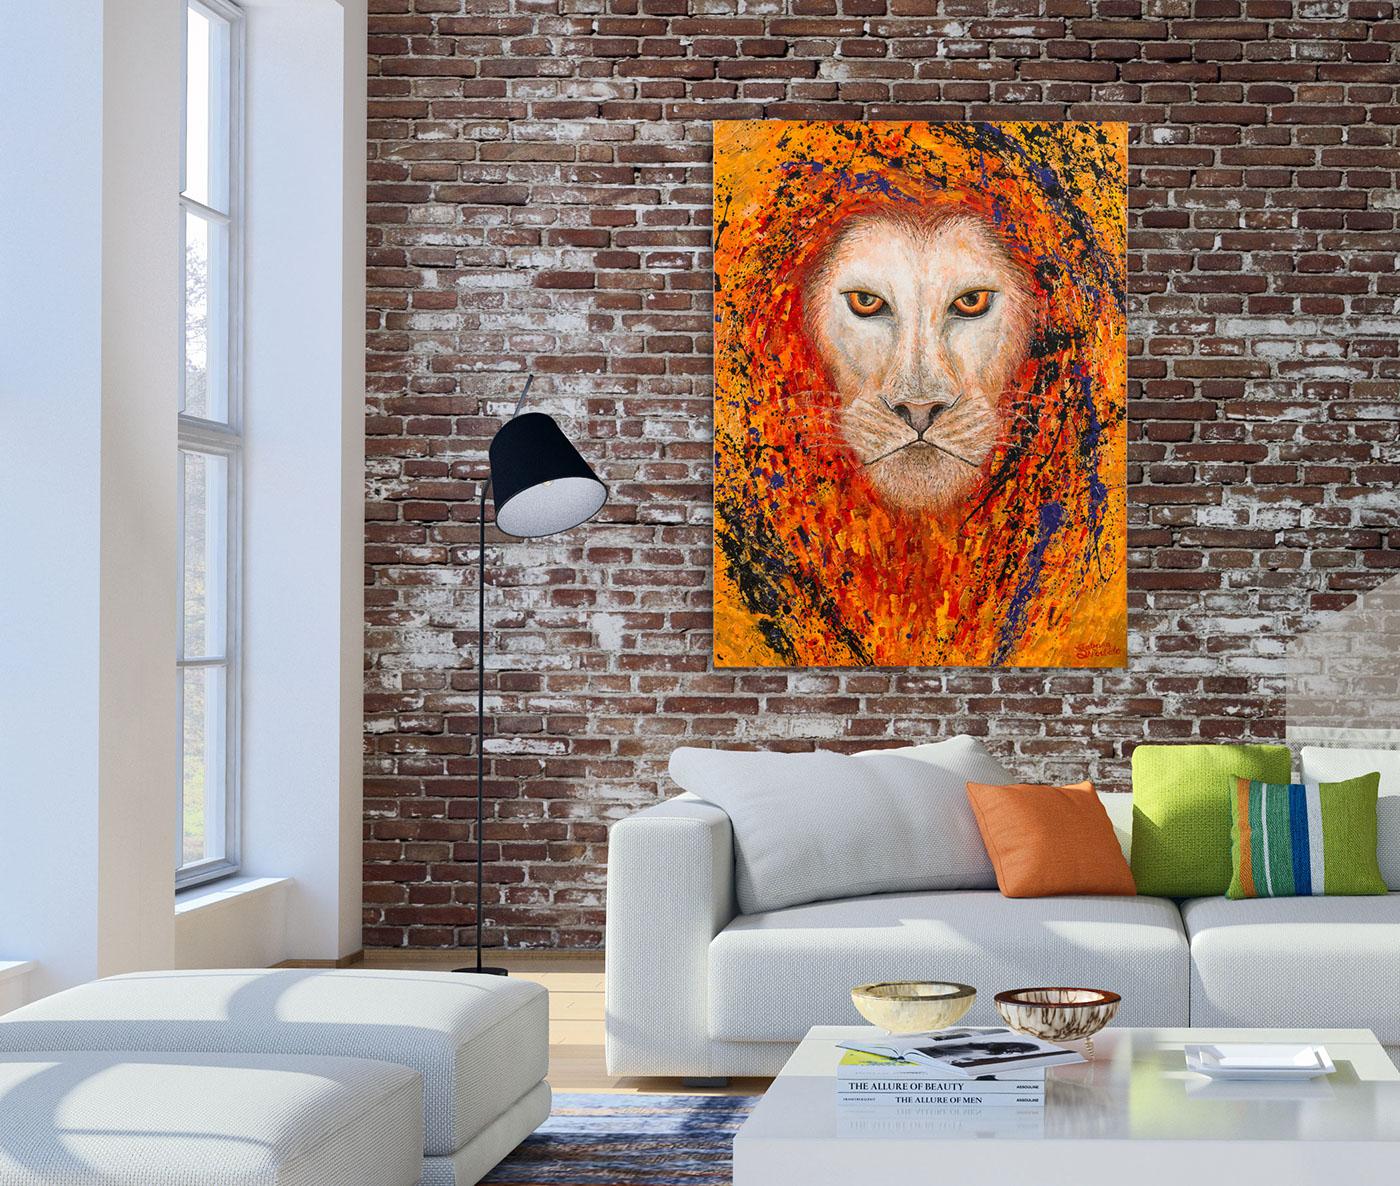 painting   FINEART fineartbrisbane brisbaneartist brisbanepainter artistbrisbane lionpainting behanceartist